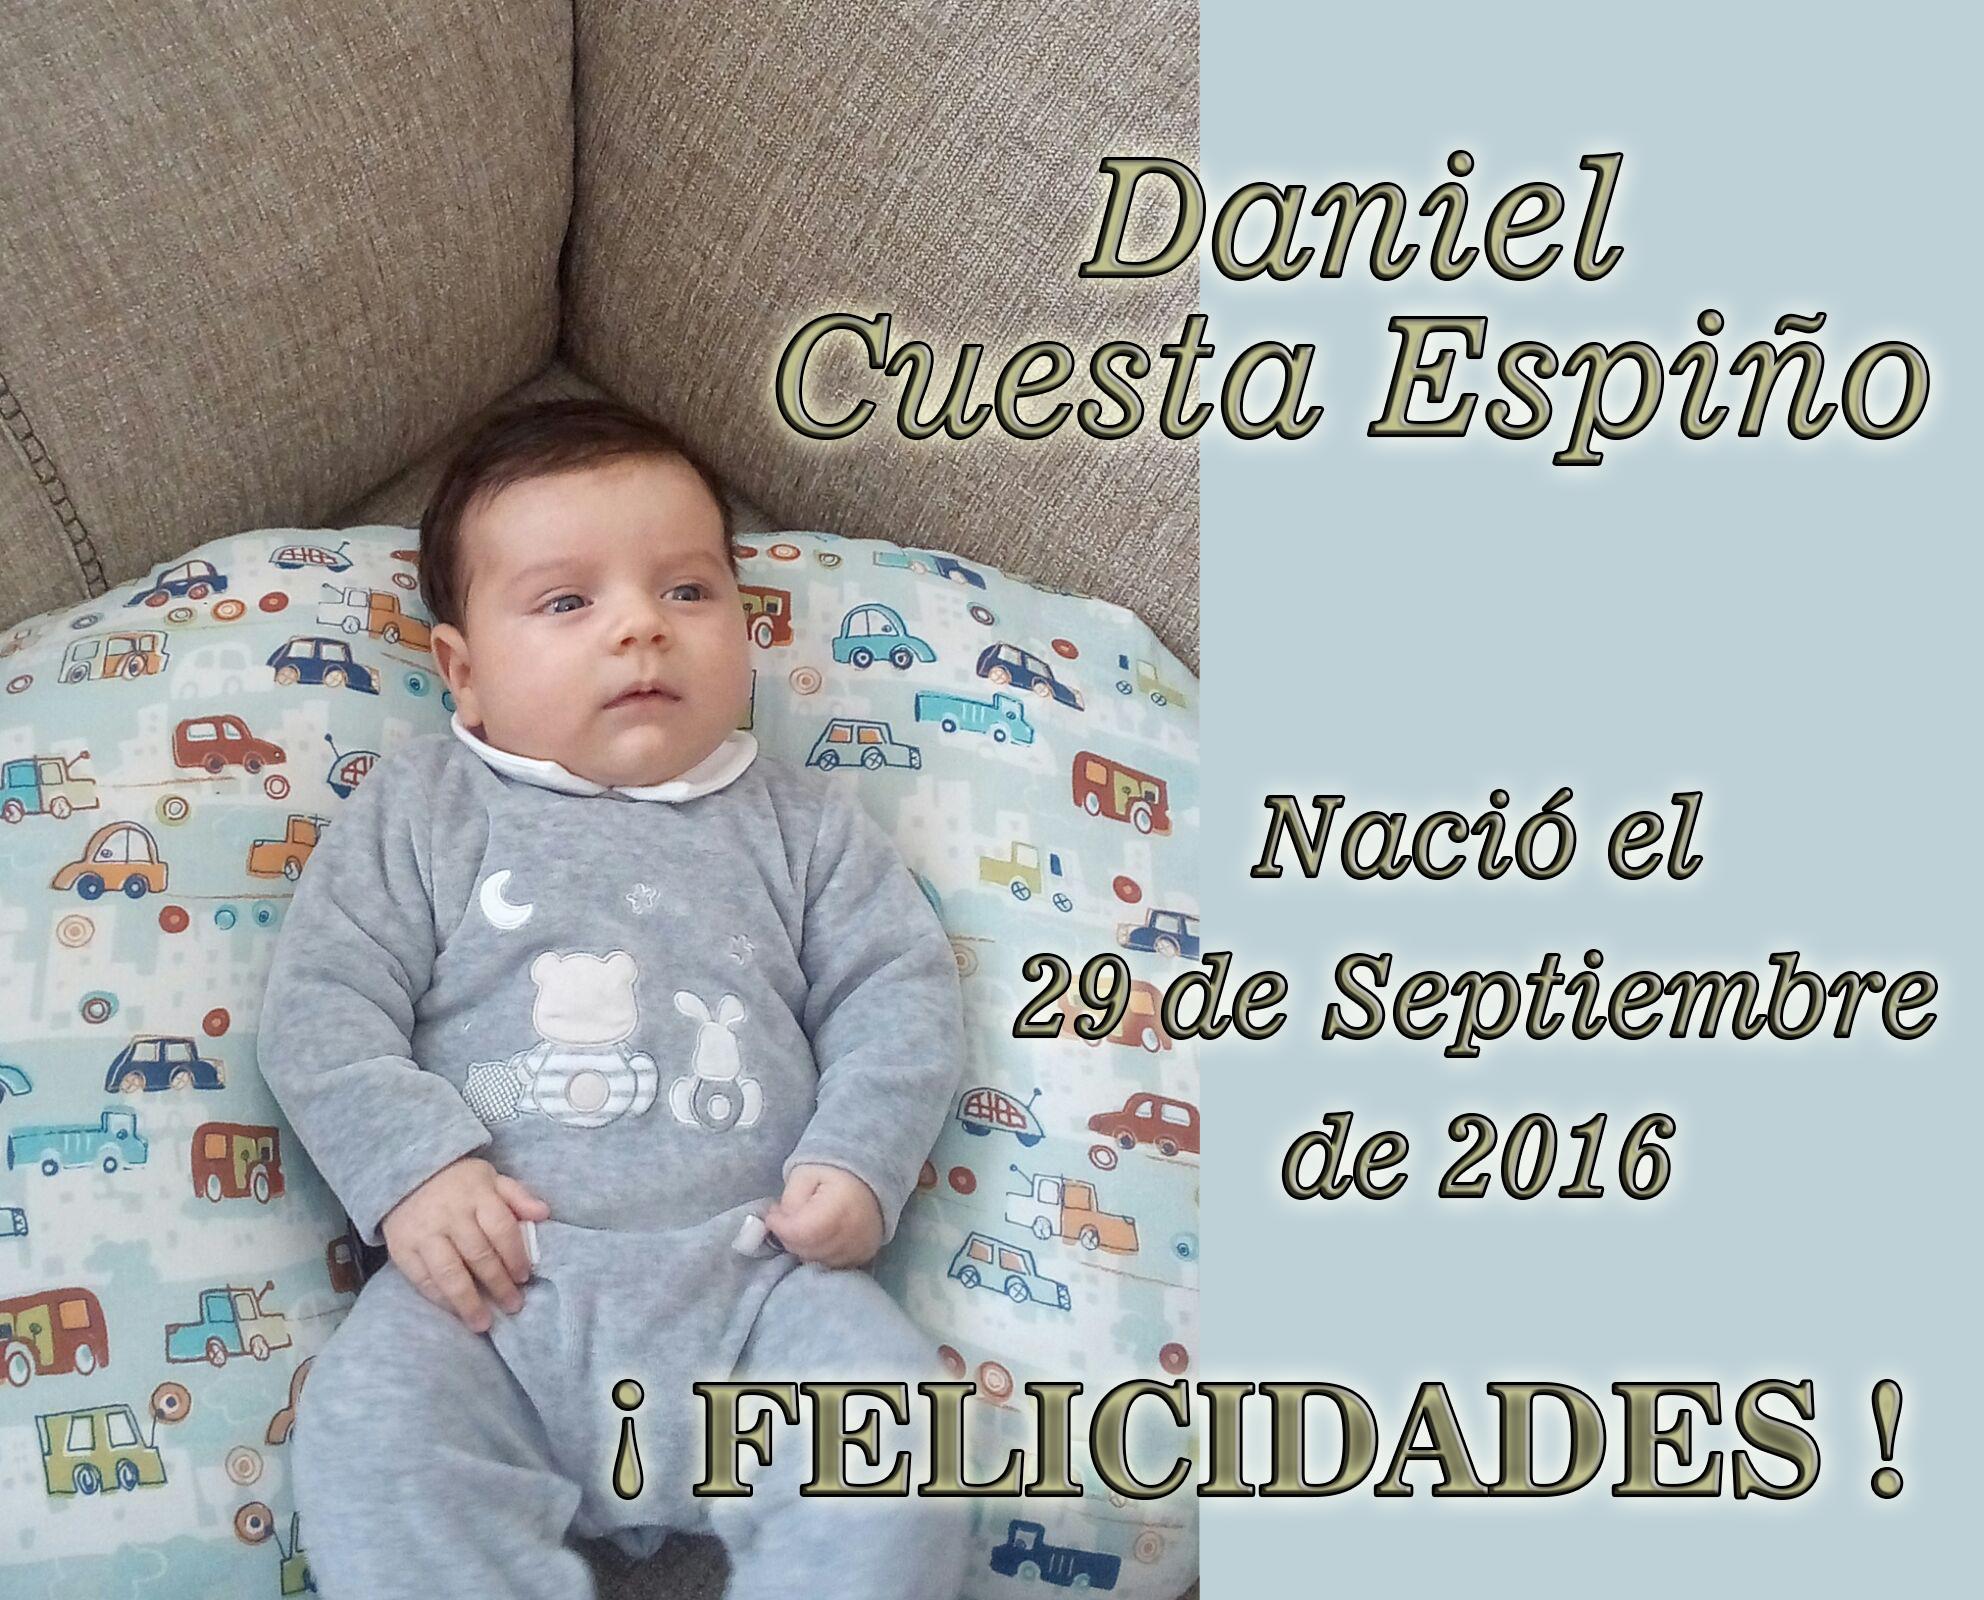 Nacimiento de Daniel Cuesta Espiño, el 29-09-2016